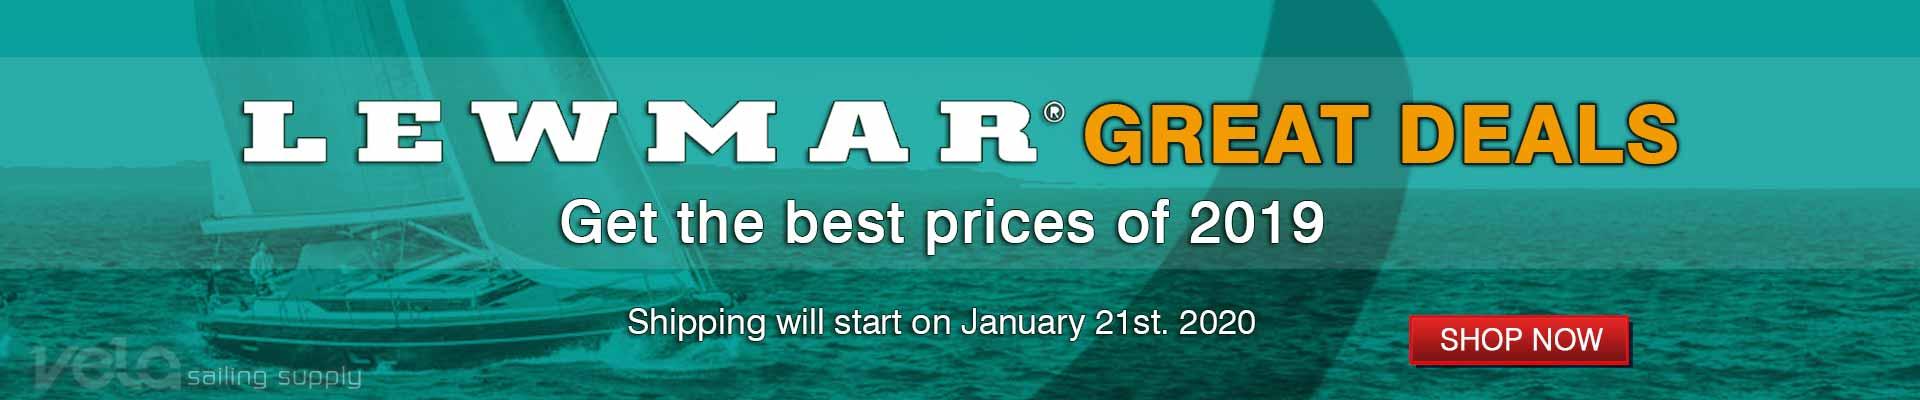 Lewmar Sailboat Hardware Deals